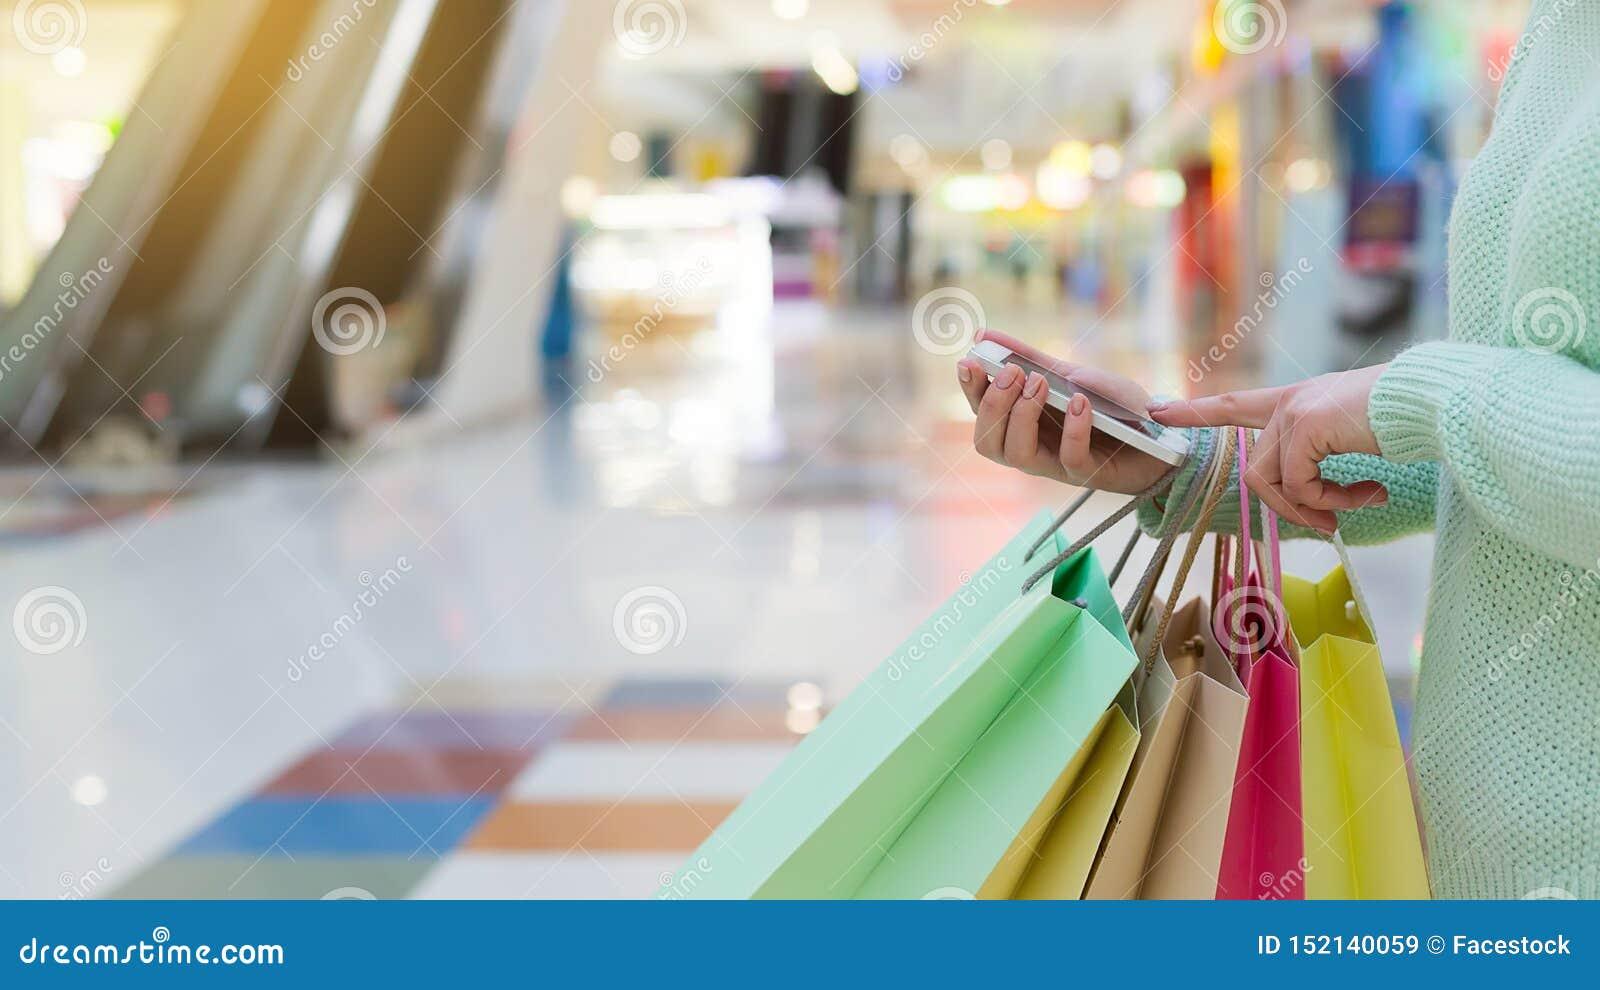 Γυναίκα χρησιμοποιώντας το smartphone και κρατώντας τις τσάντες αγορών